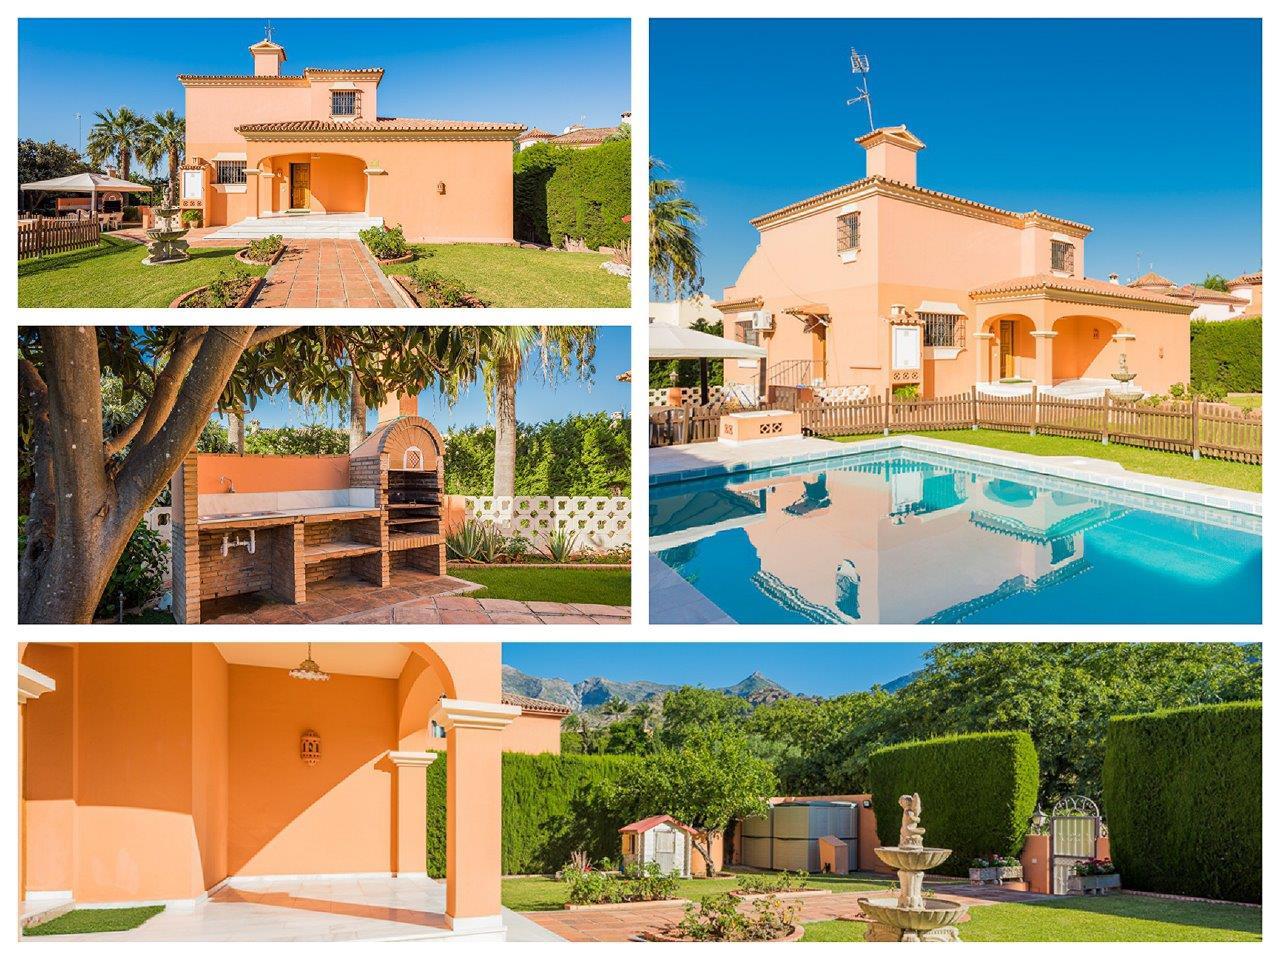 Villa in Huerta del Prado Marbella te koop